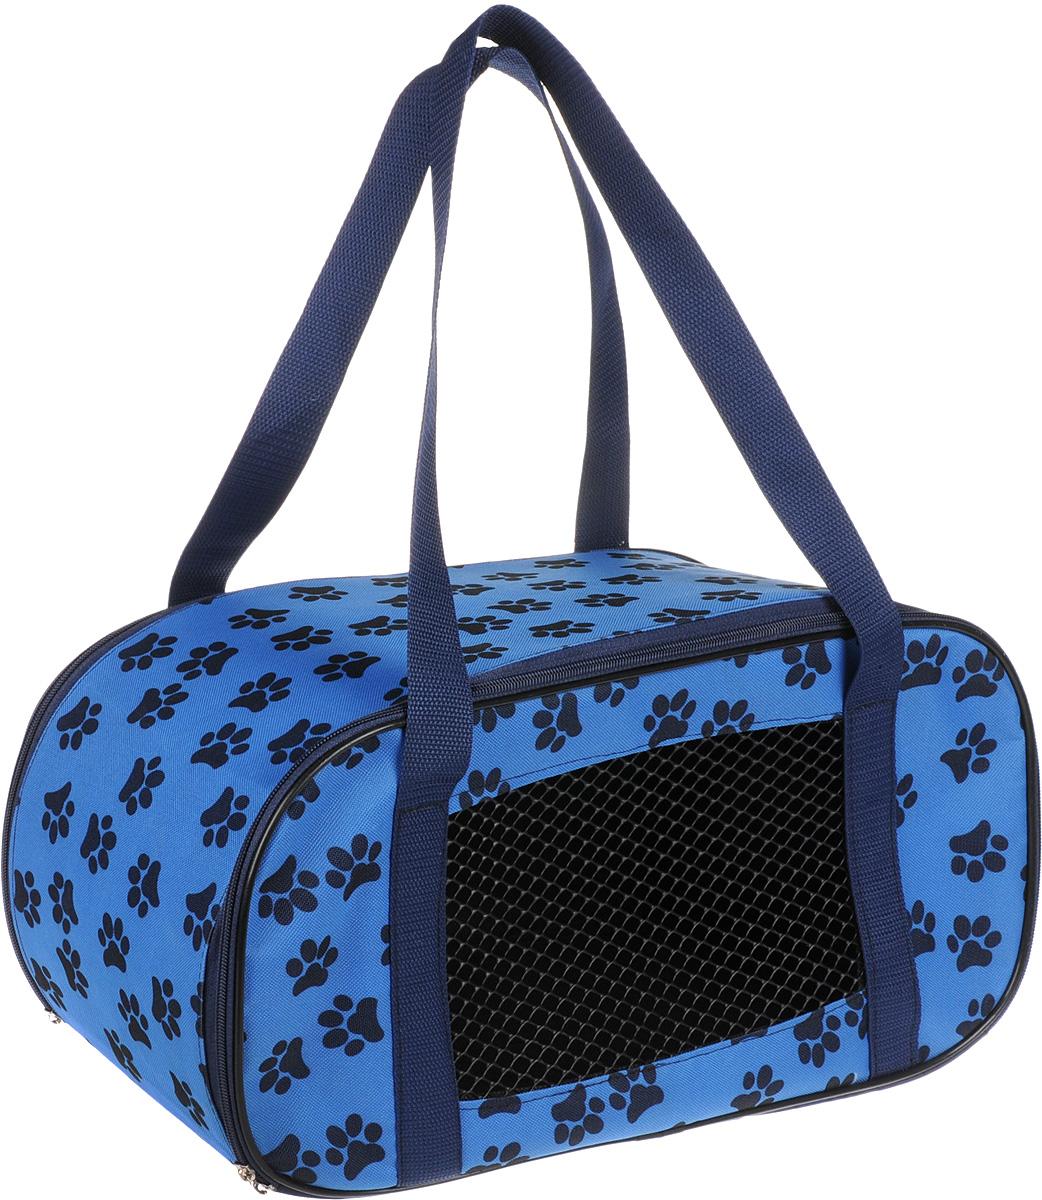 Сумка-переноска для животных Теремок, цвет: синий, 44 х 19 х 20 см сумка переноска для животных теремок цвет голубой синий белый 44 х 19 х 20 см